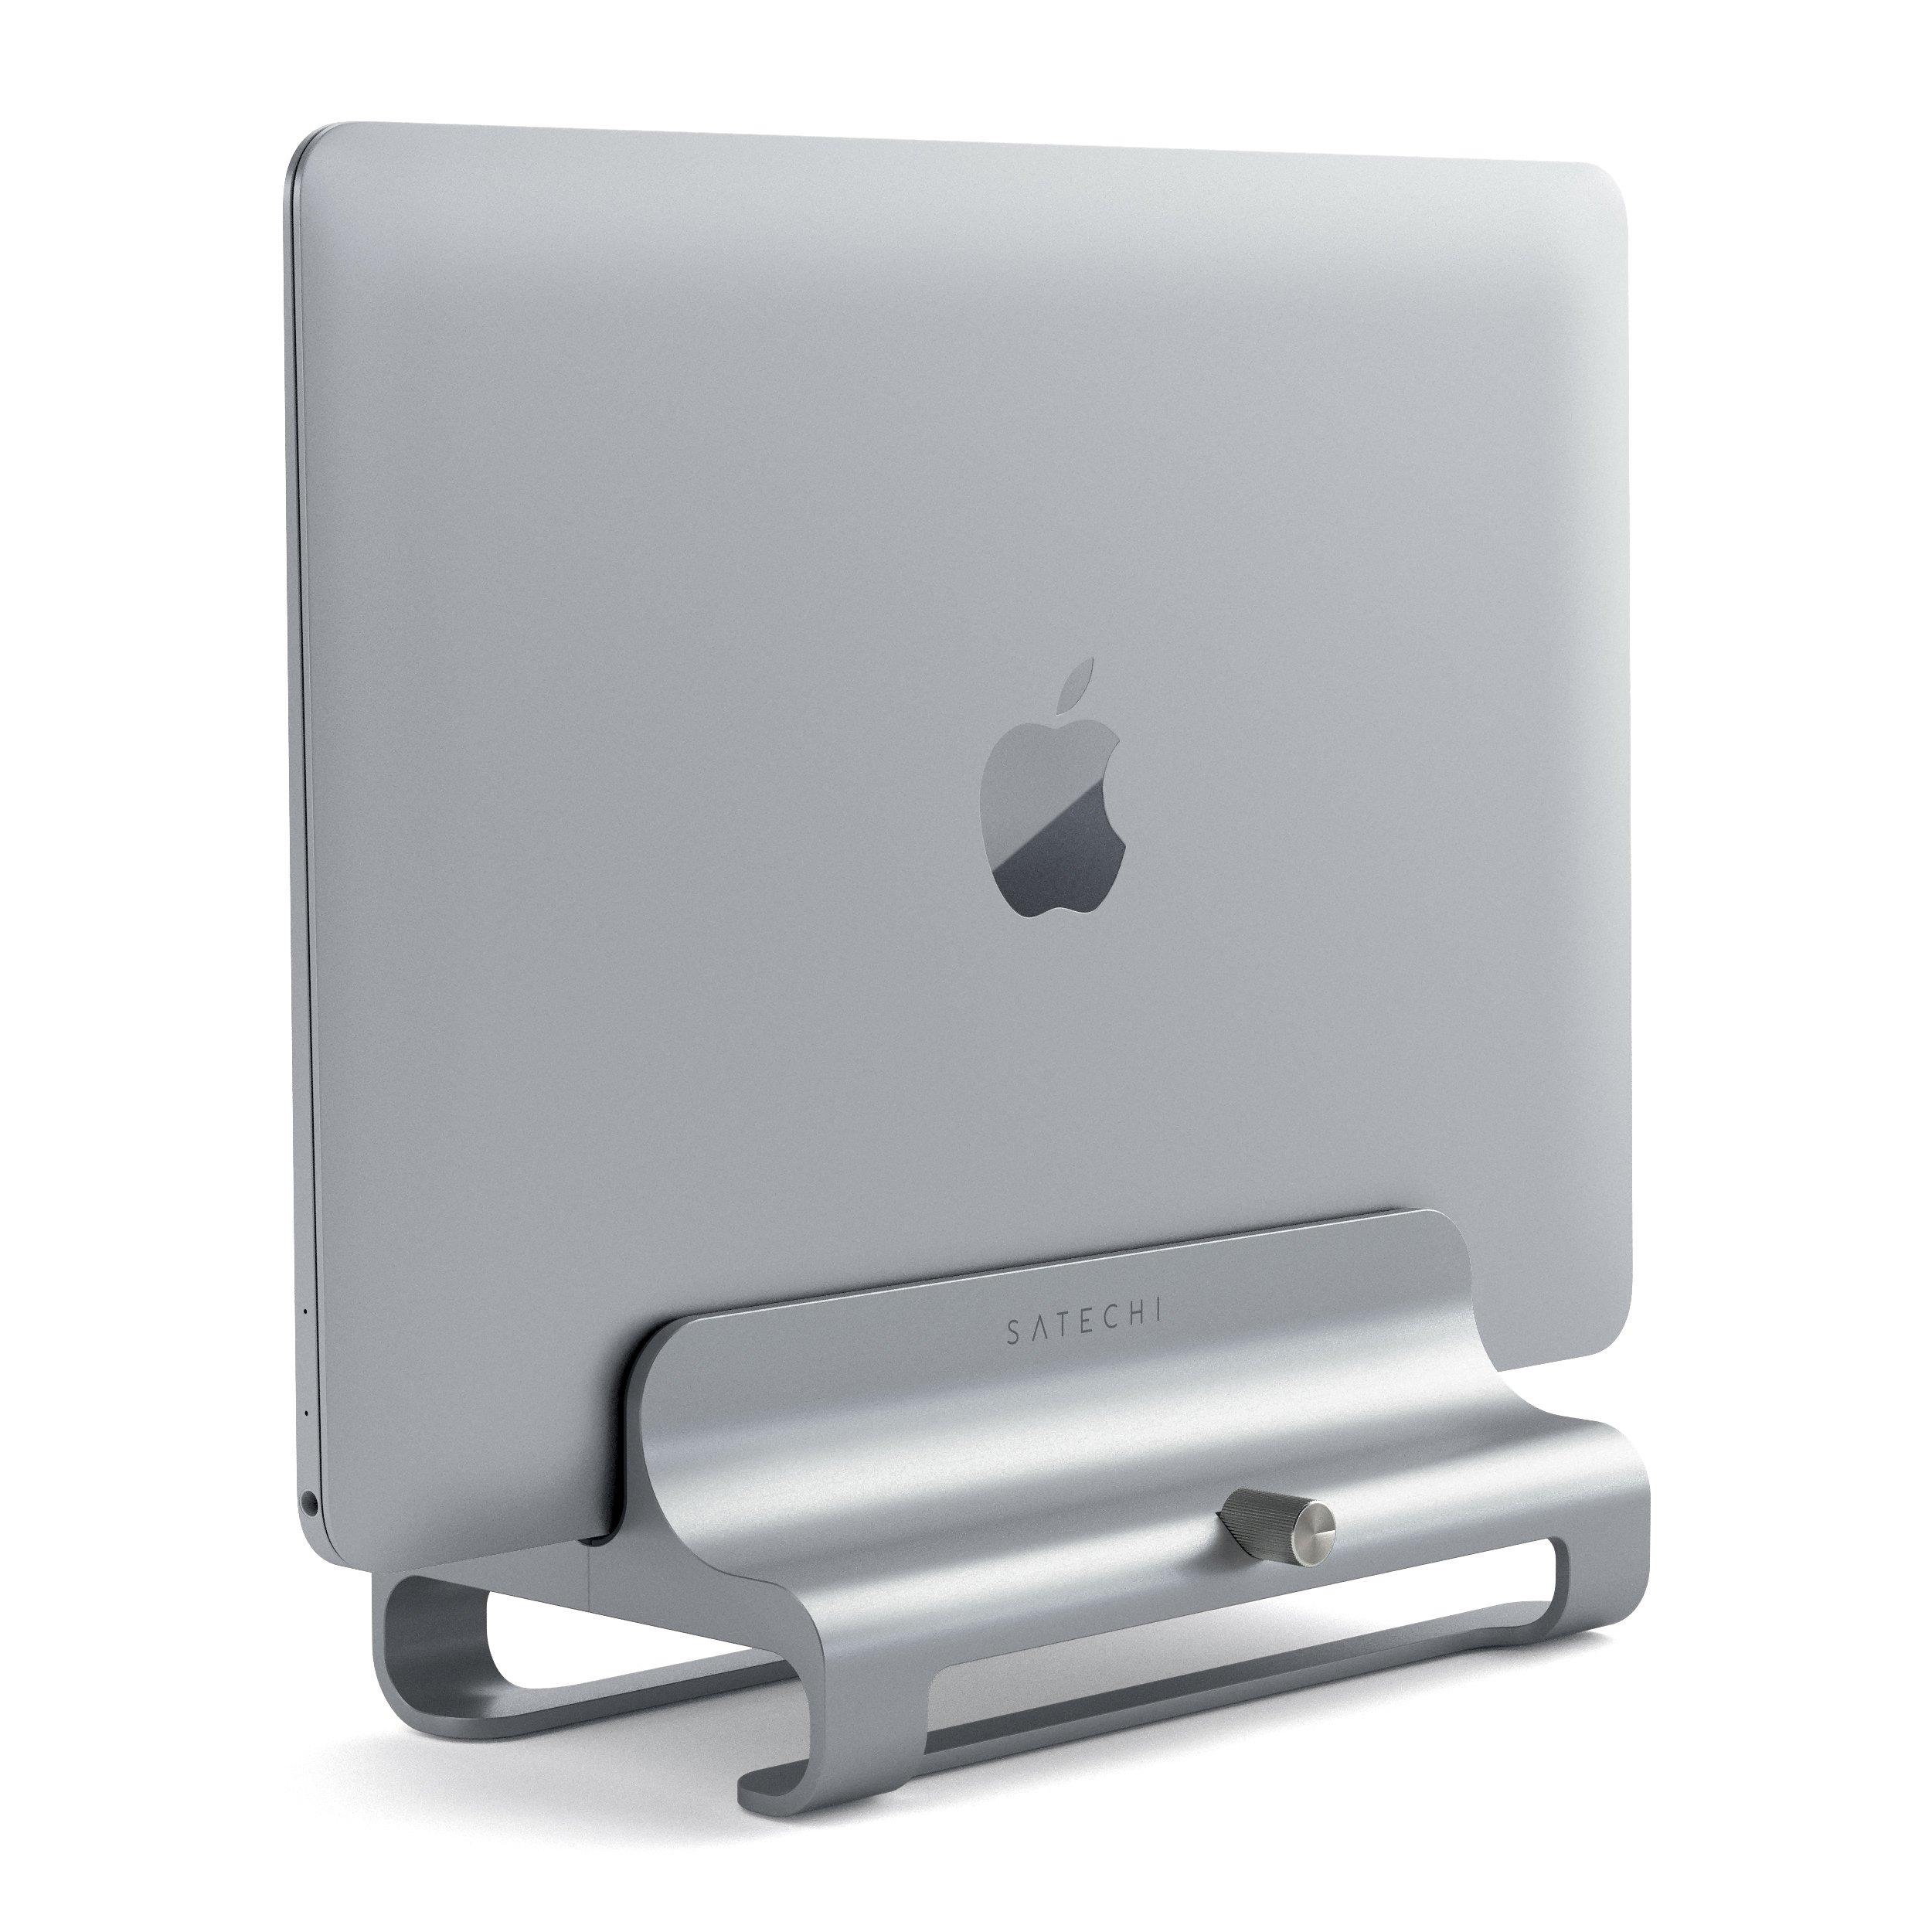 Алюминиевая вертикальная подставка Satechi Universal Vertical Aluminum Laptop Stand (ST-ALVLSS) для MacBook серебристый